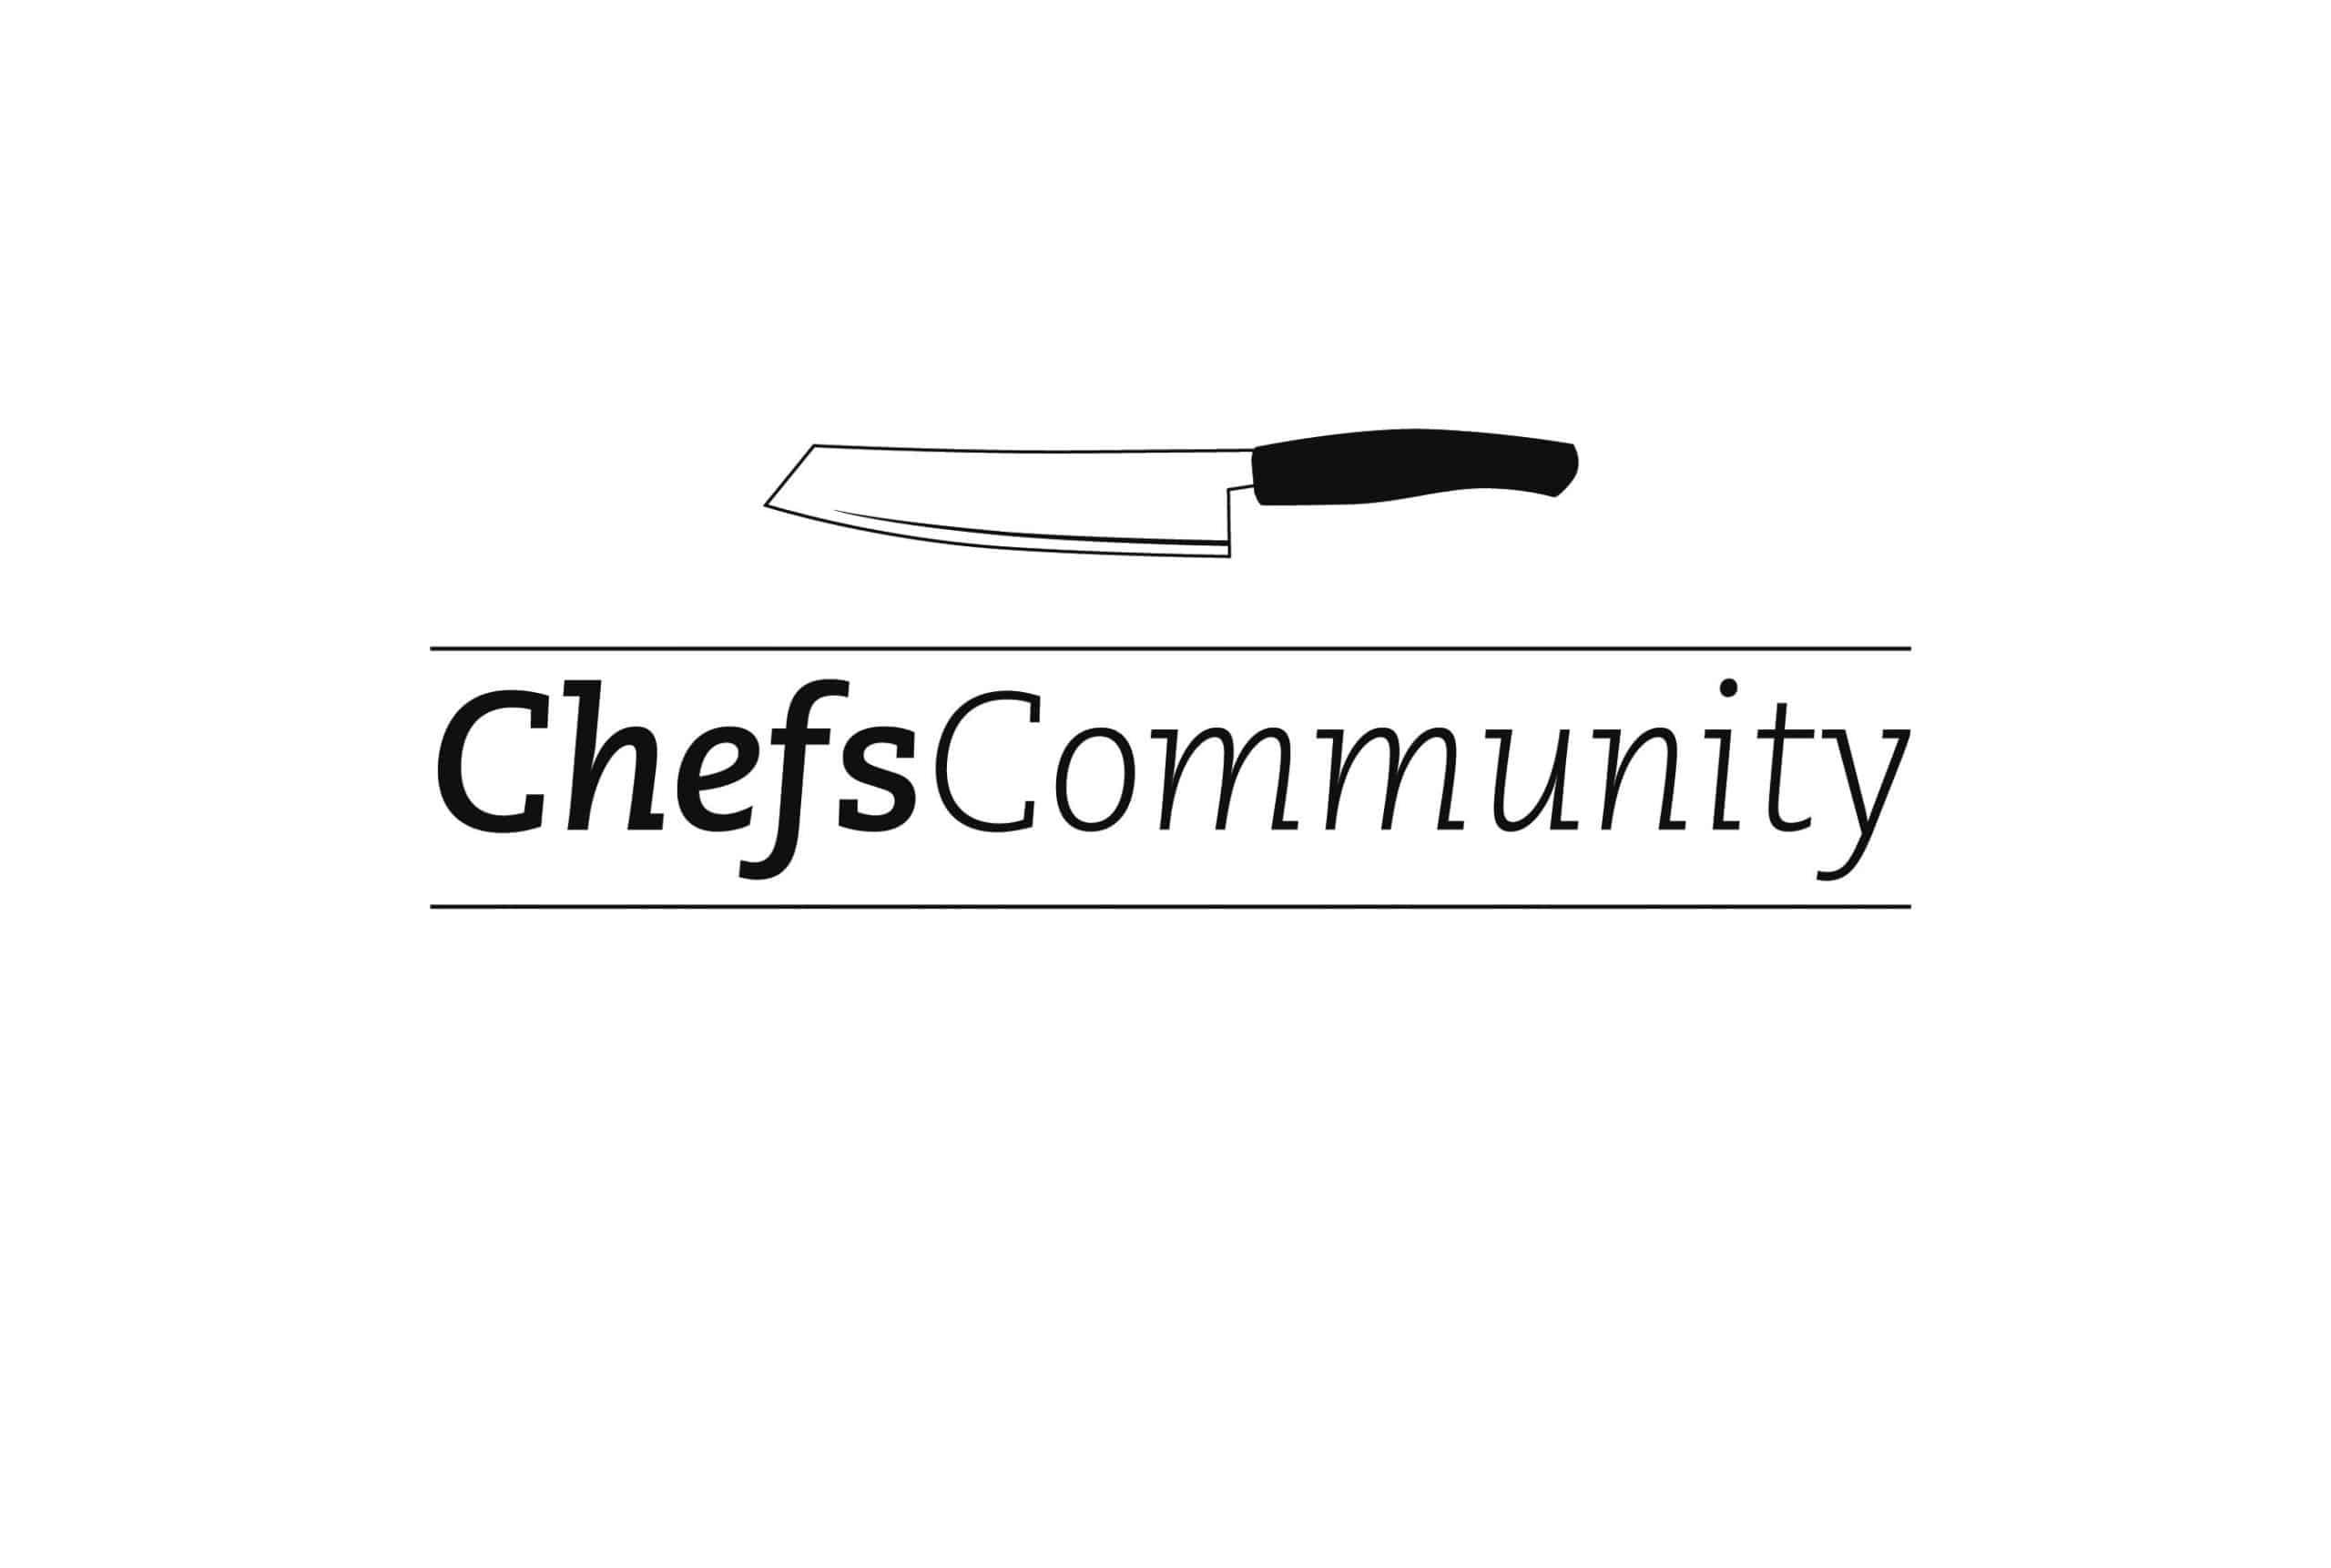 Chefscommunity und koch des jahres kooperieren for Koch des jahres 2016